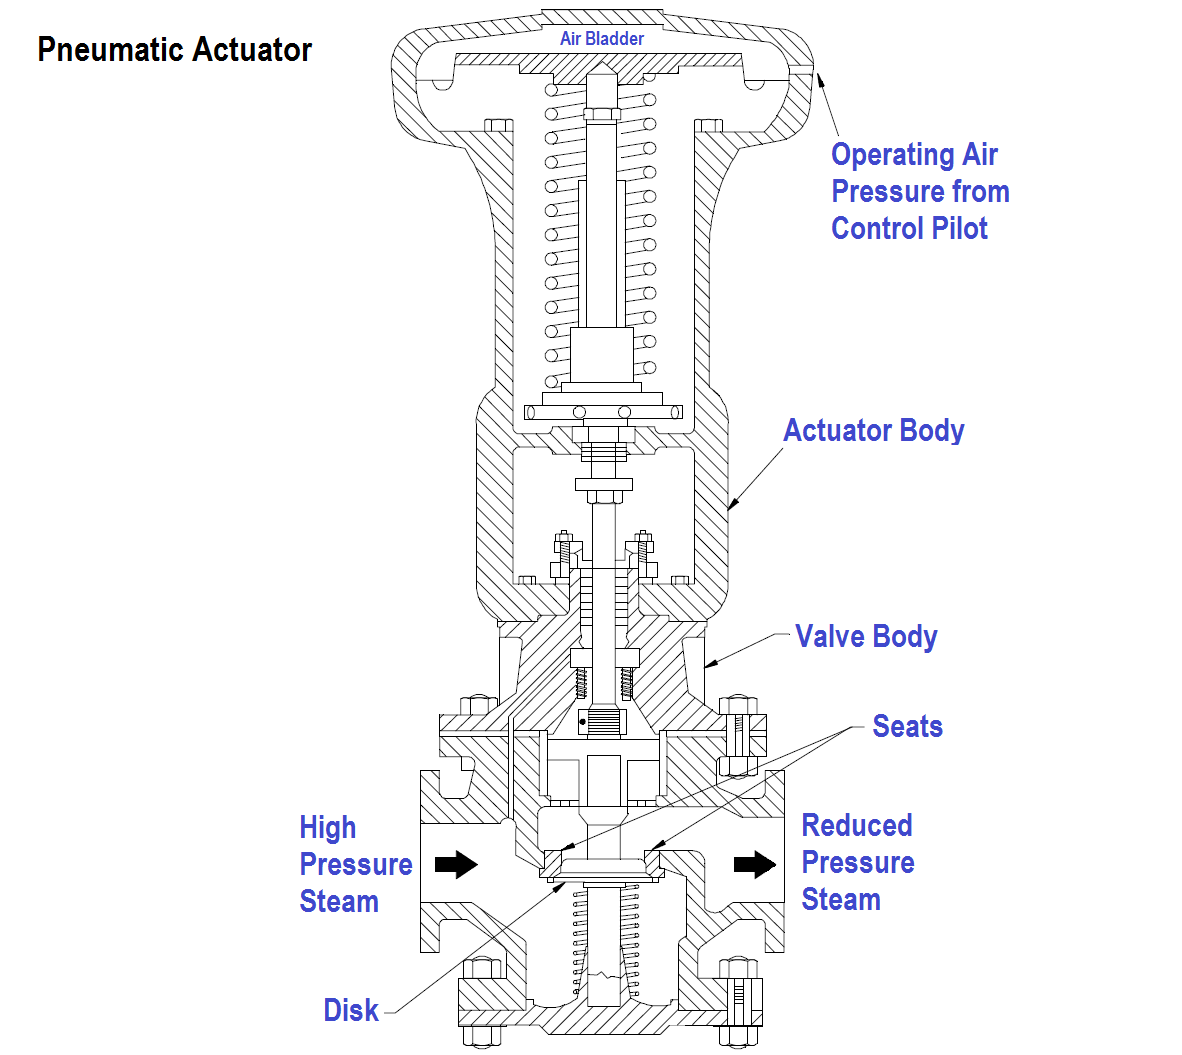 medium resolution of self actuated valves pneumatic hydraulic actuators